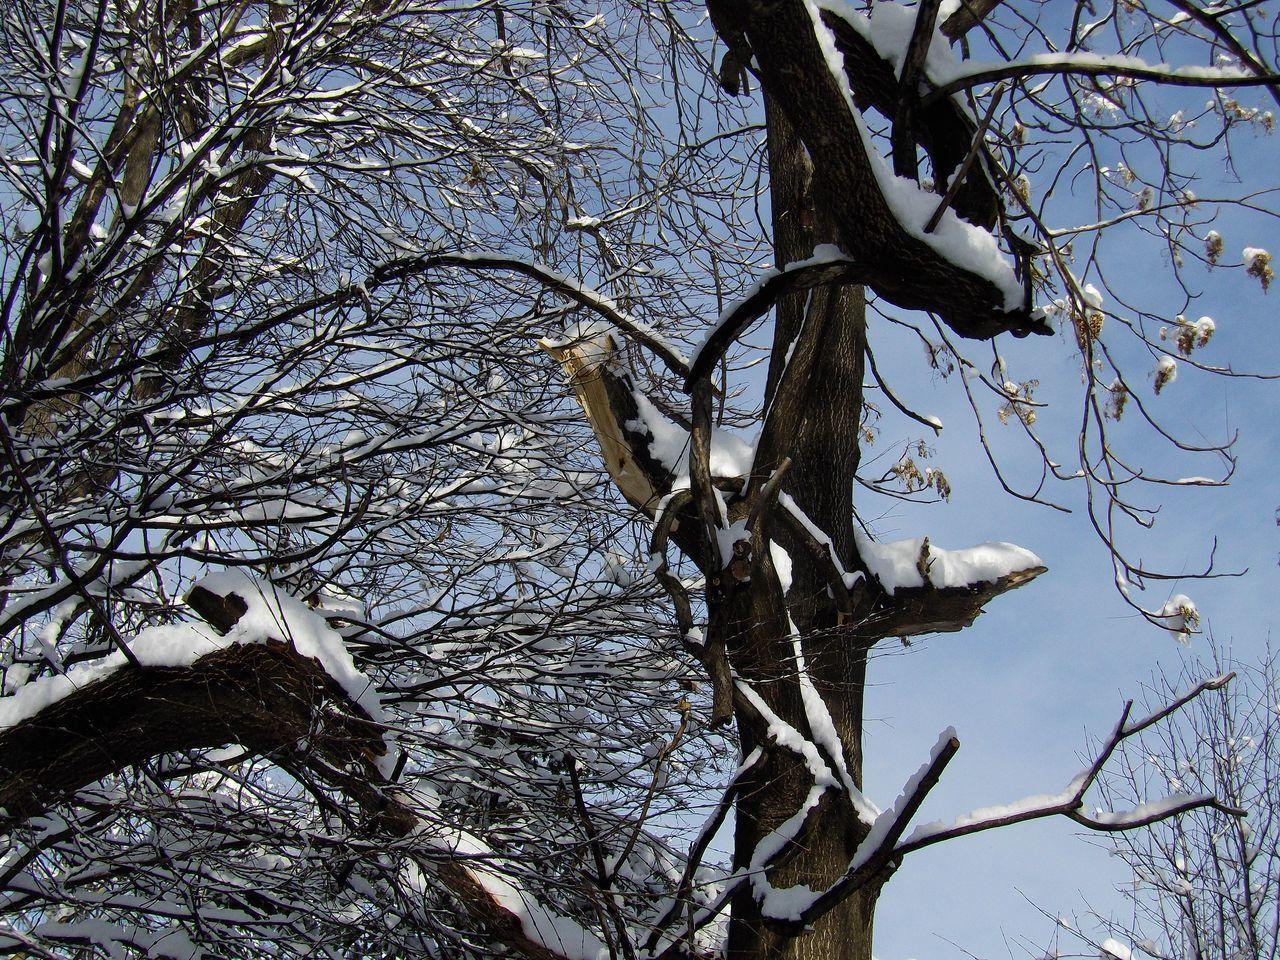 降って降って11月としては62年ぶりの大雪_c0025115_18470664.jpg